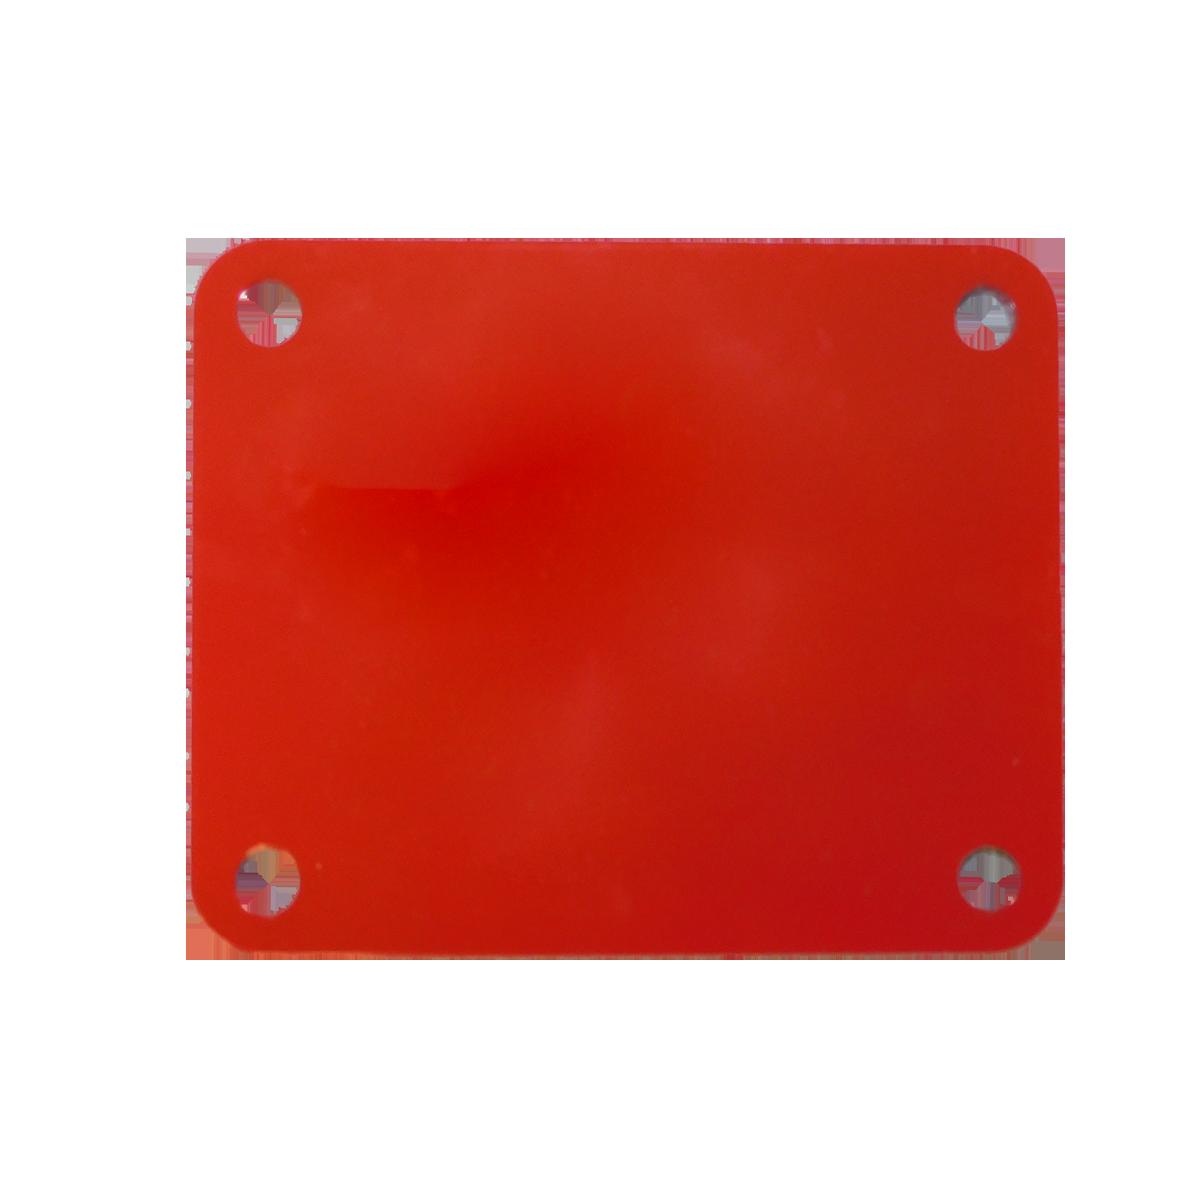 Kontraplatte VT 1.4 S